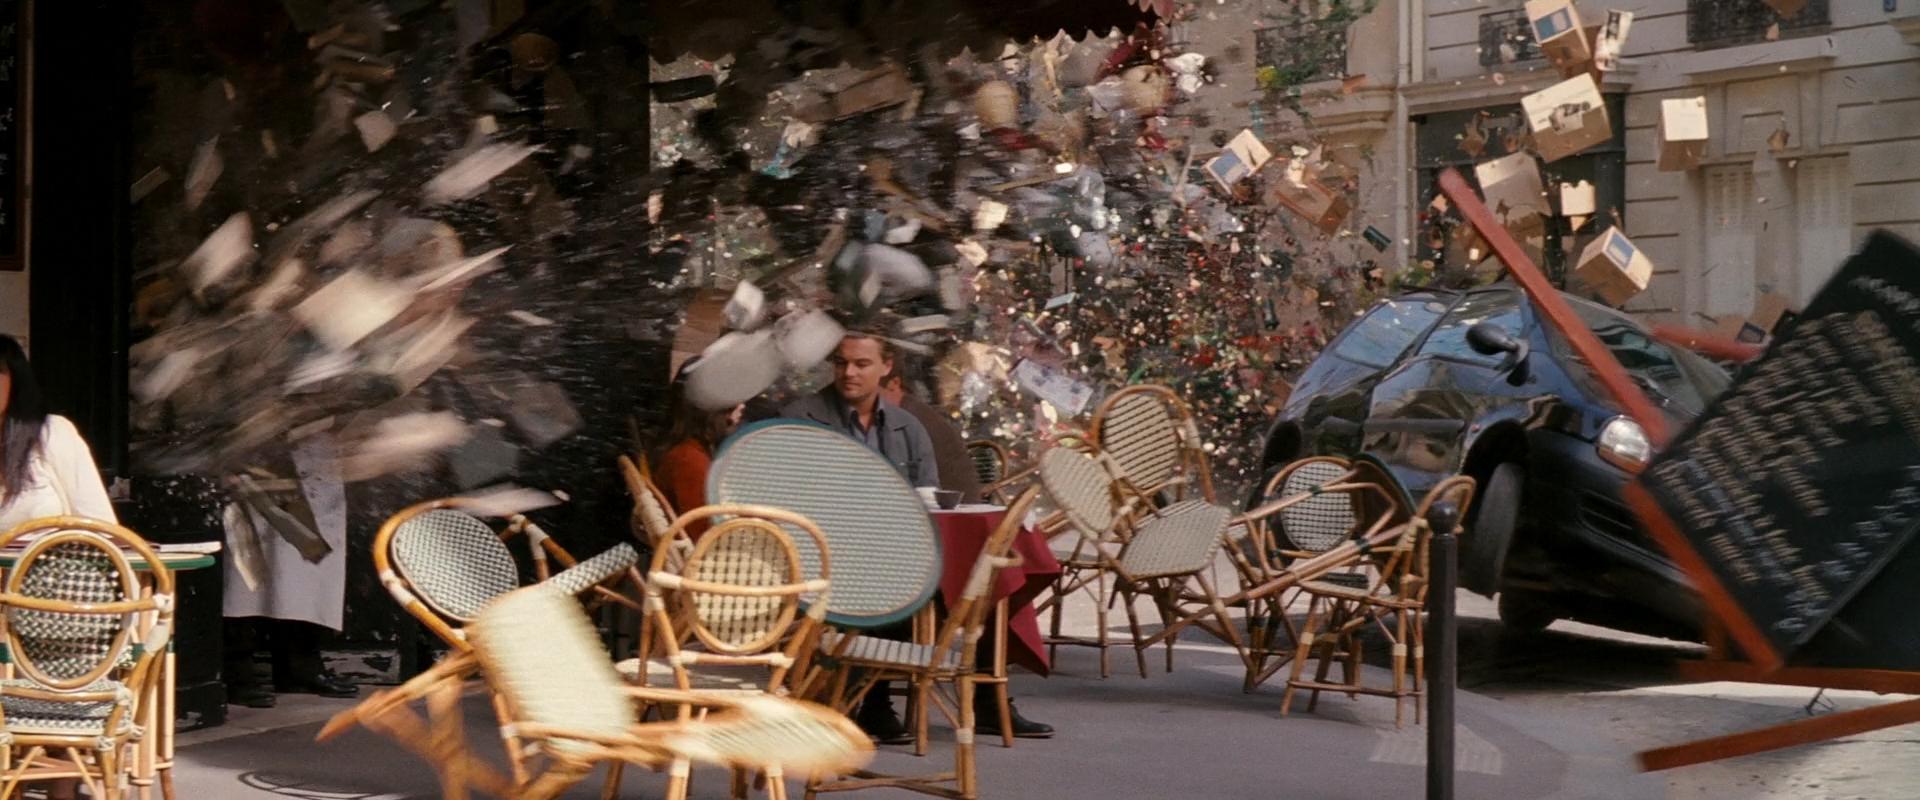 Inception : Comment Christopher Nolan et ses équipes ont-ils réalisé la scène d'explosion à Paris ?